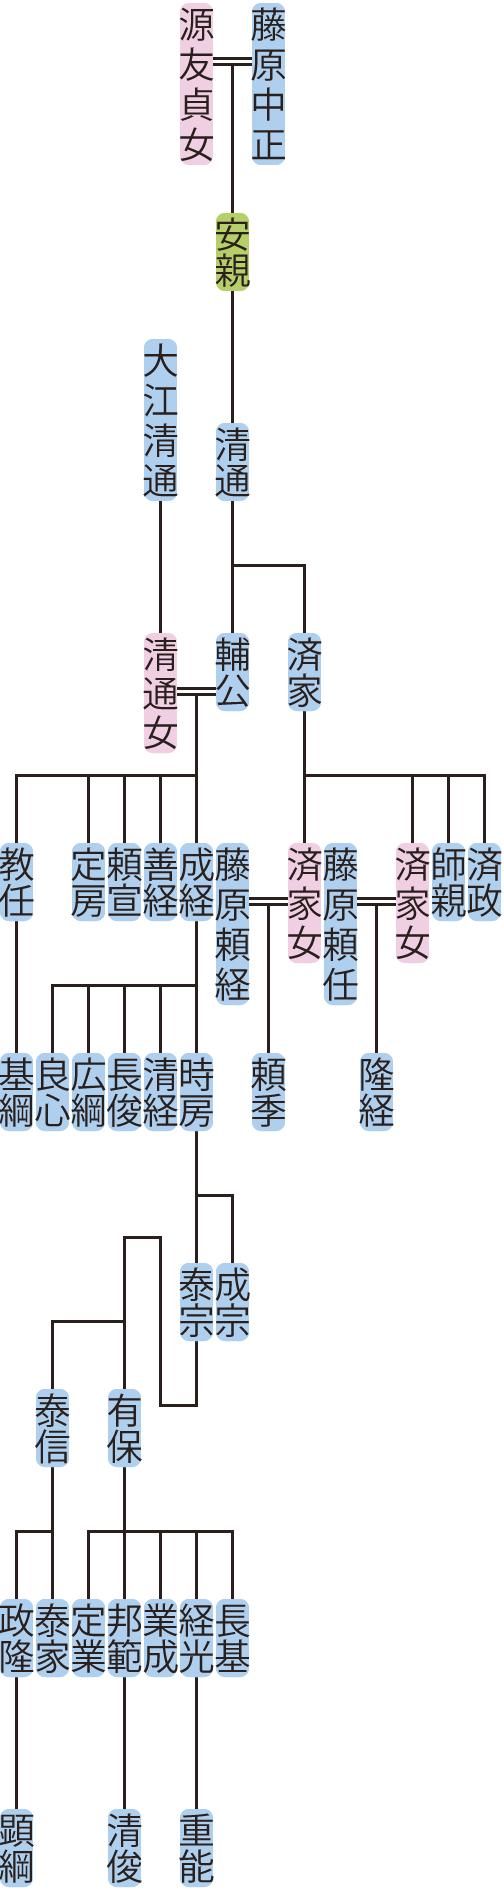 藤原清通の系図